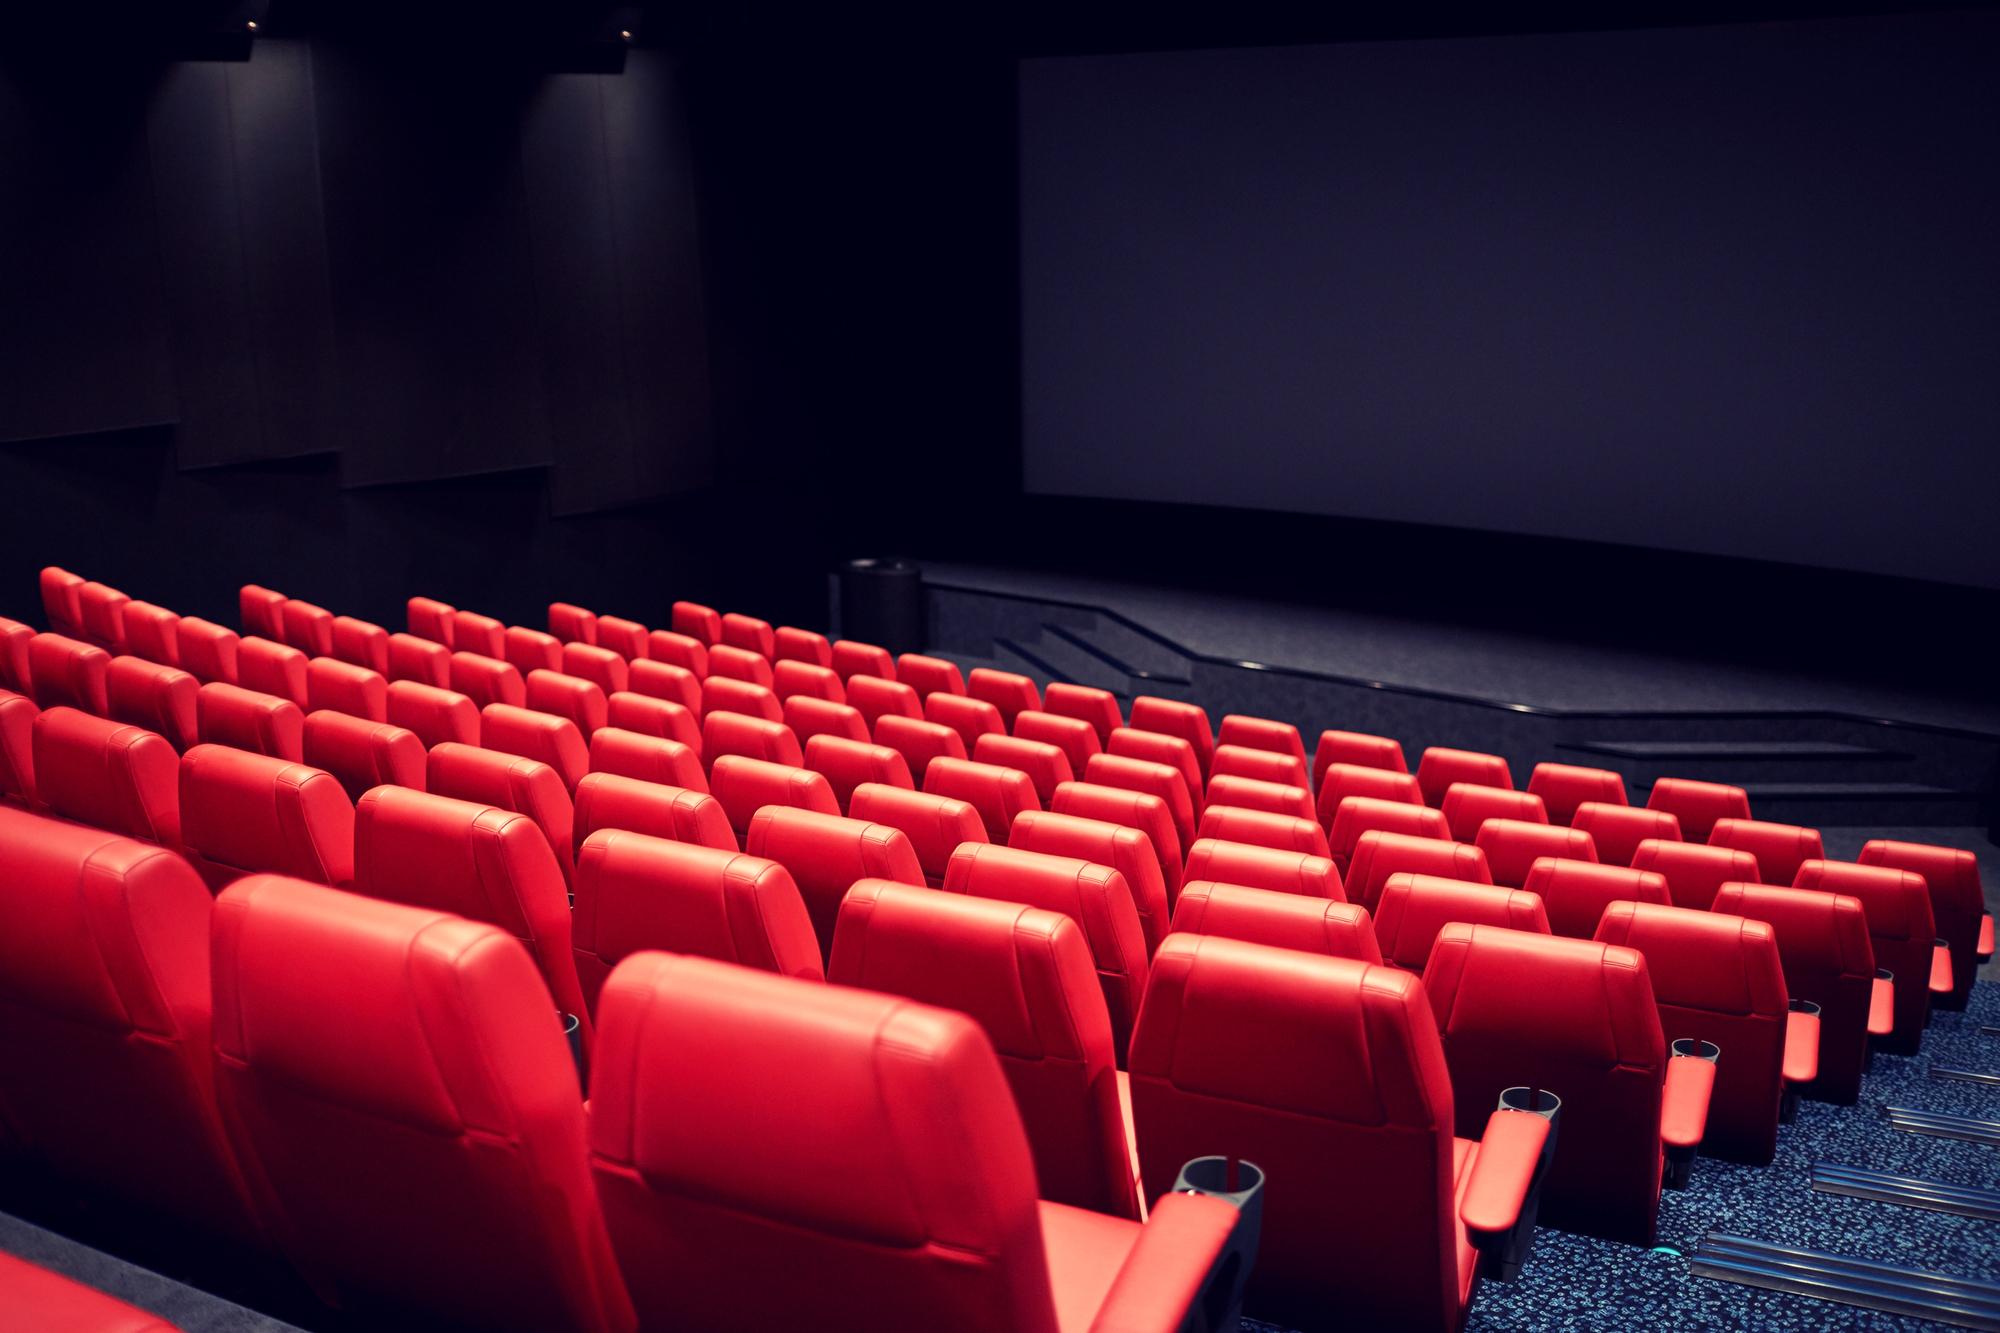 映画はインタラクティブに楽しむ時代! 応援上映からマルチエンディングまで